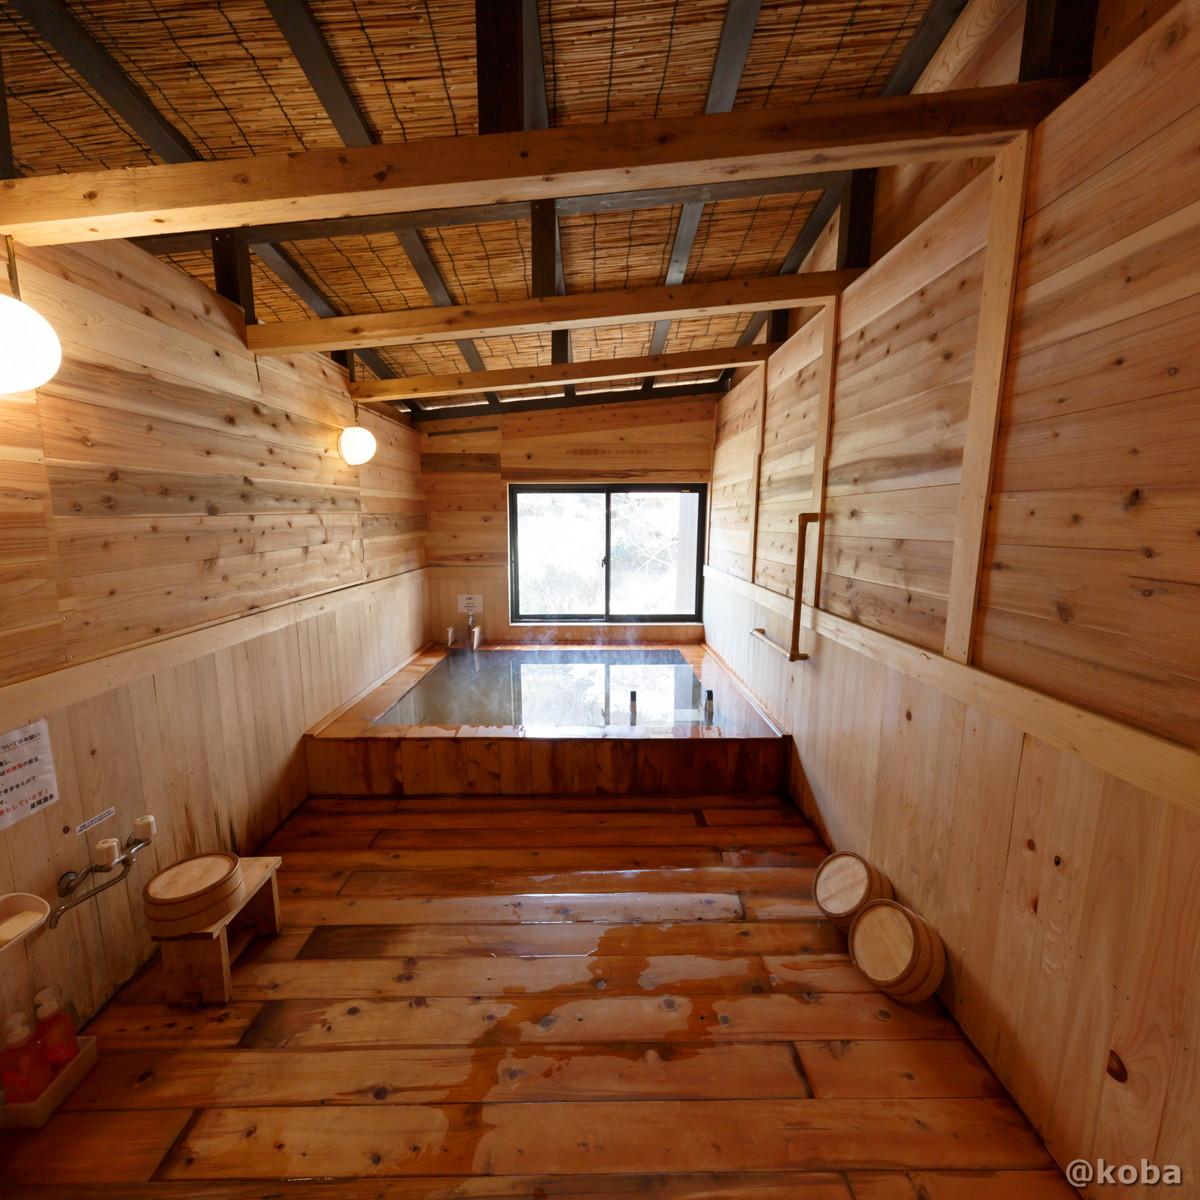 浴室の写真|日帰り入浴|星尾温泉 木の葉石の湯|群馬県